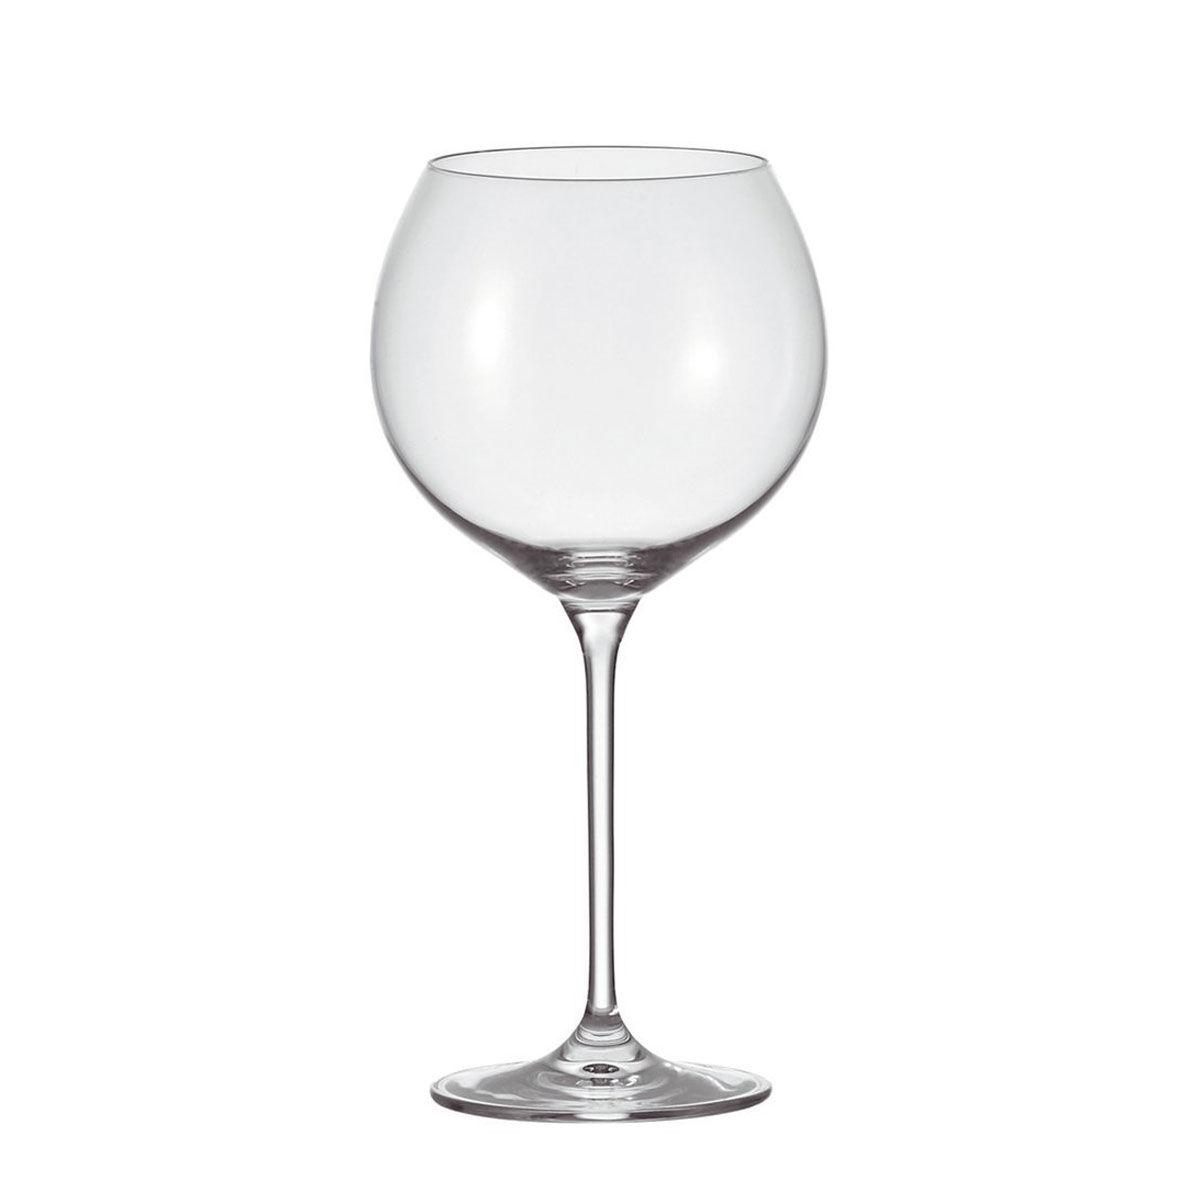 affordable leonardo er set cheers bauchige with vase martini ikea. Black Bedroom Furniture Sets. Home Design Ideas